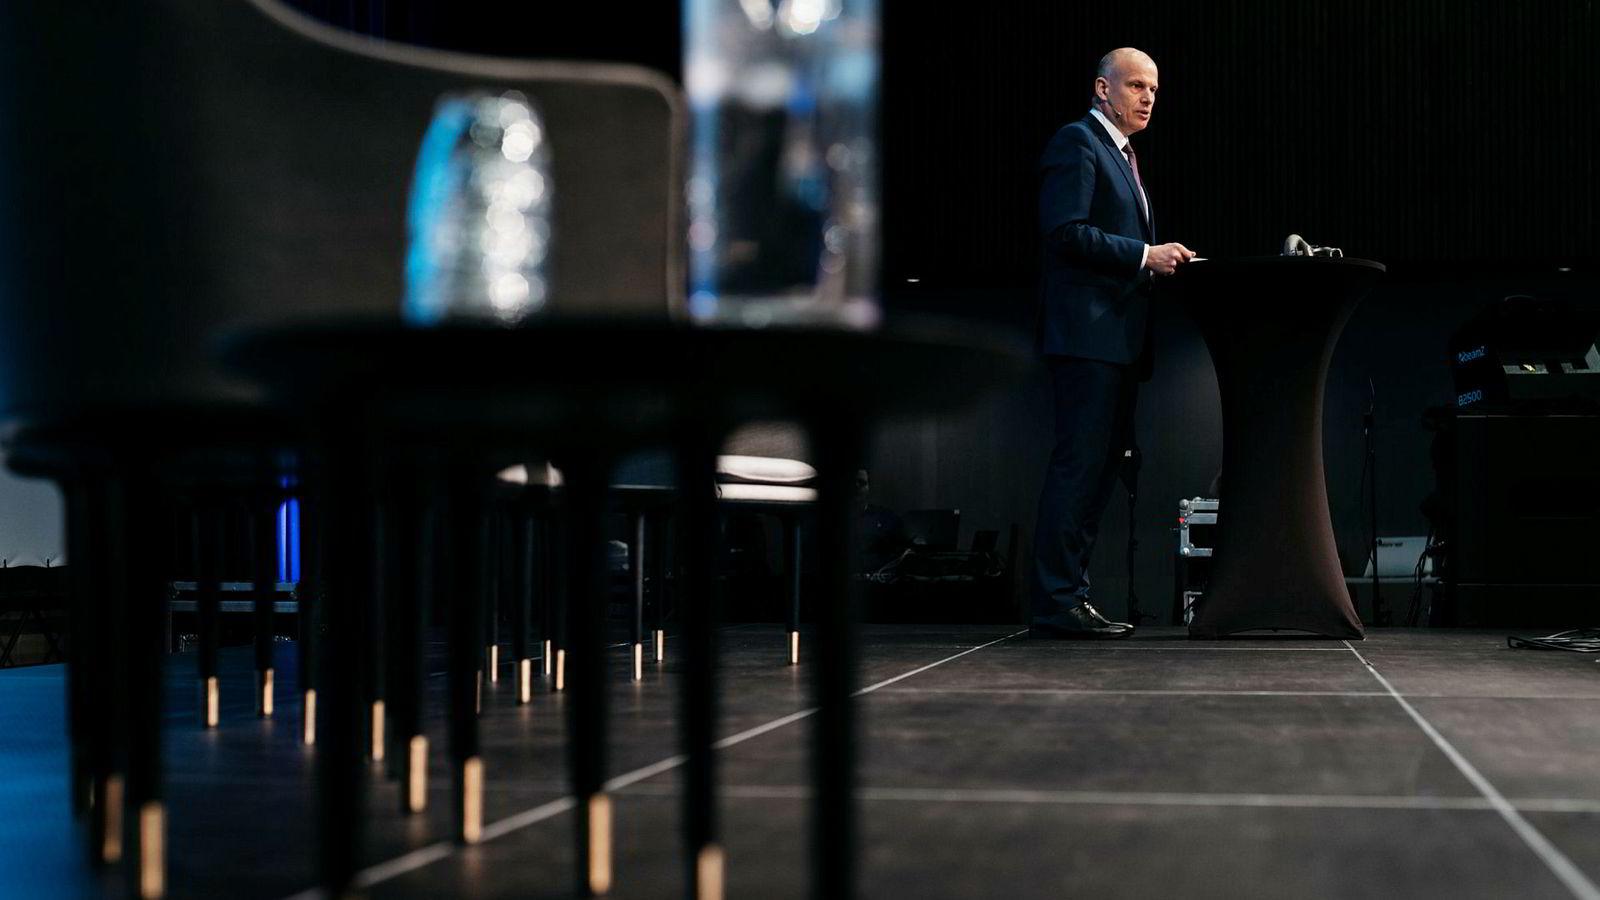 Arne Sigve Nylund, sjef for norsk sokkel i Equinor, fortalte at sytti prosent av innkjøpene til Johan Sverdrup kommer fra norske leverandører. Han talte på NHOs årlige møte på Sola mandag.